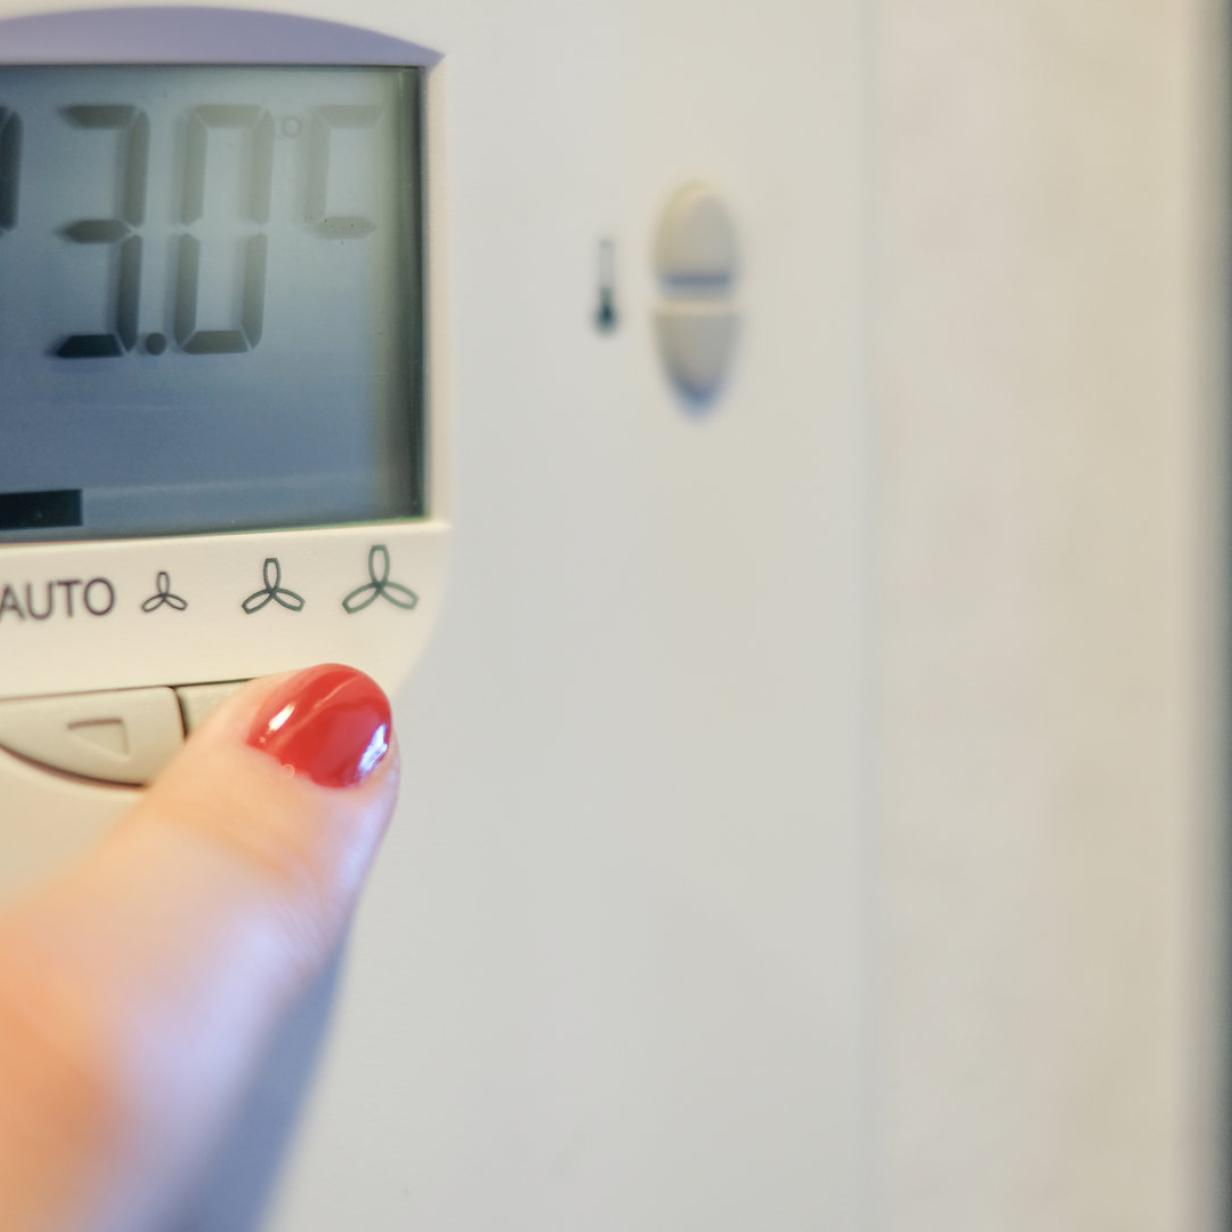 In wärmeren Räumen sind Frauen deutlich leistungsfähiger